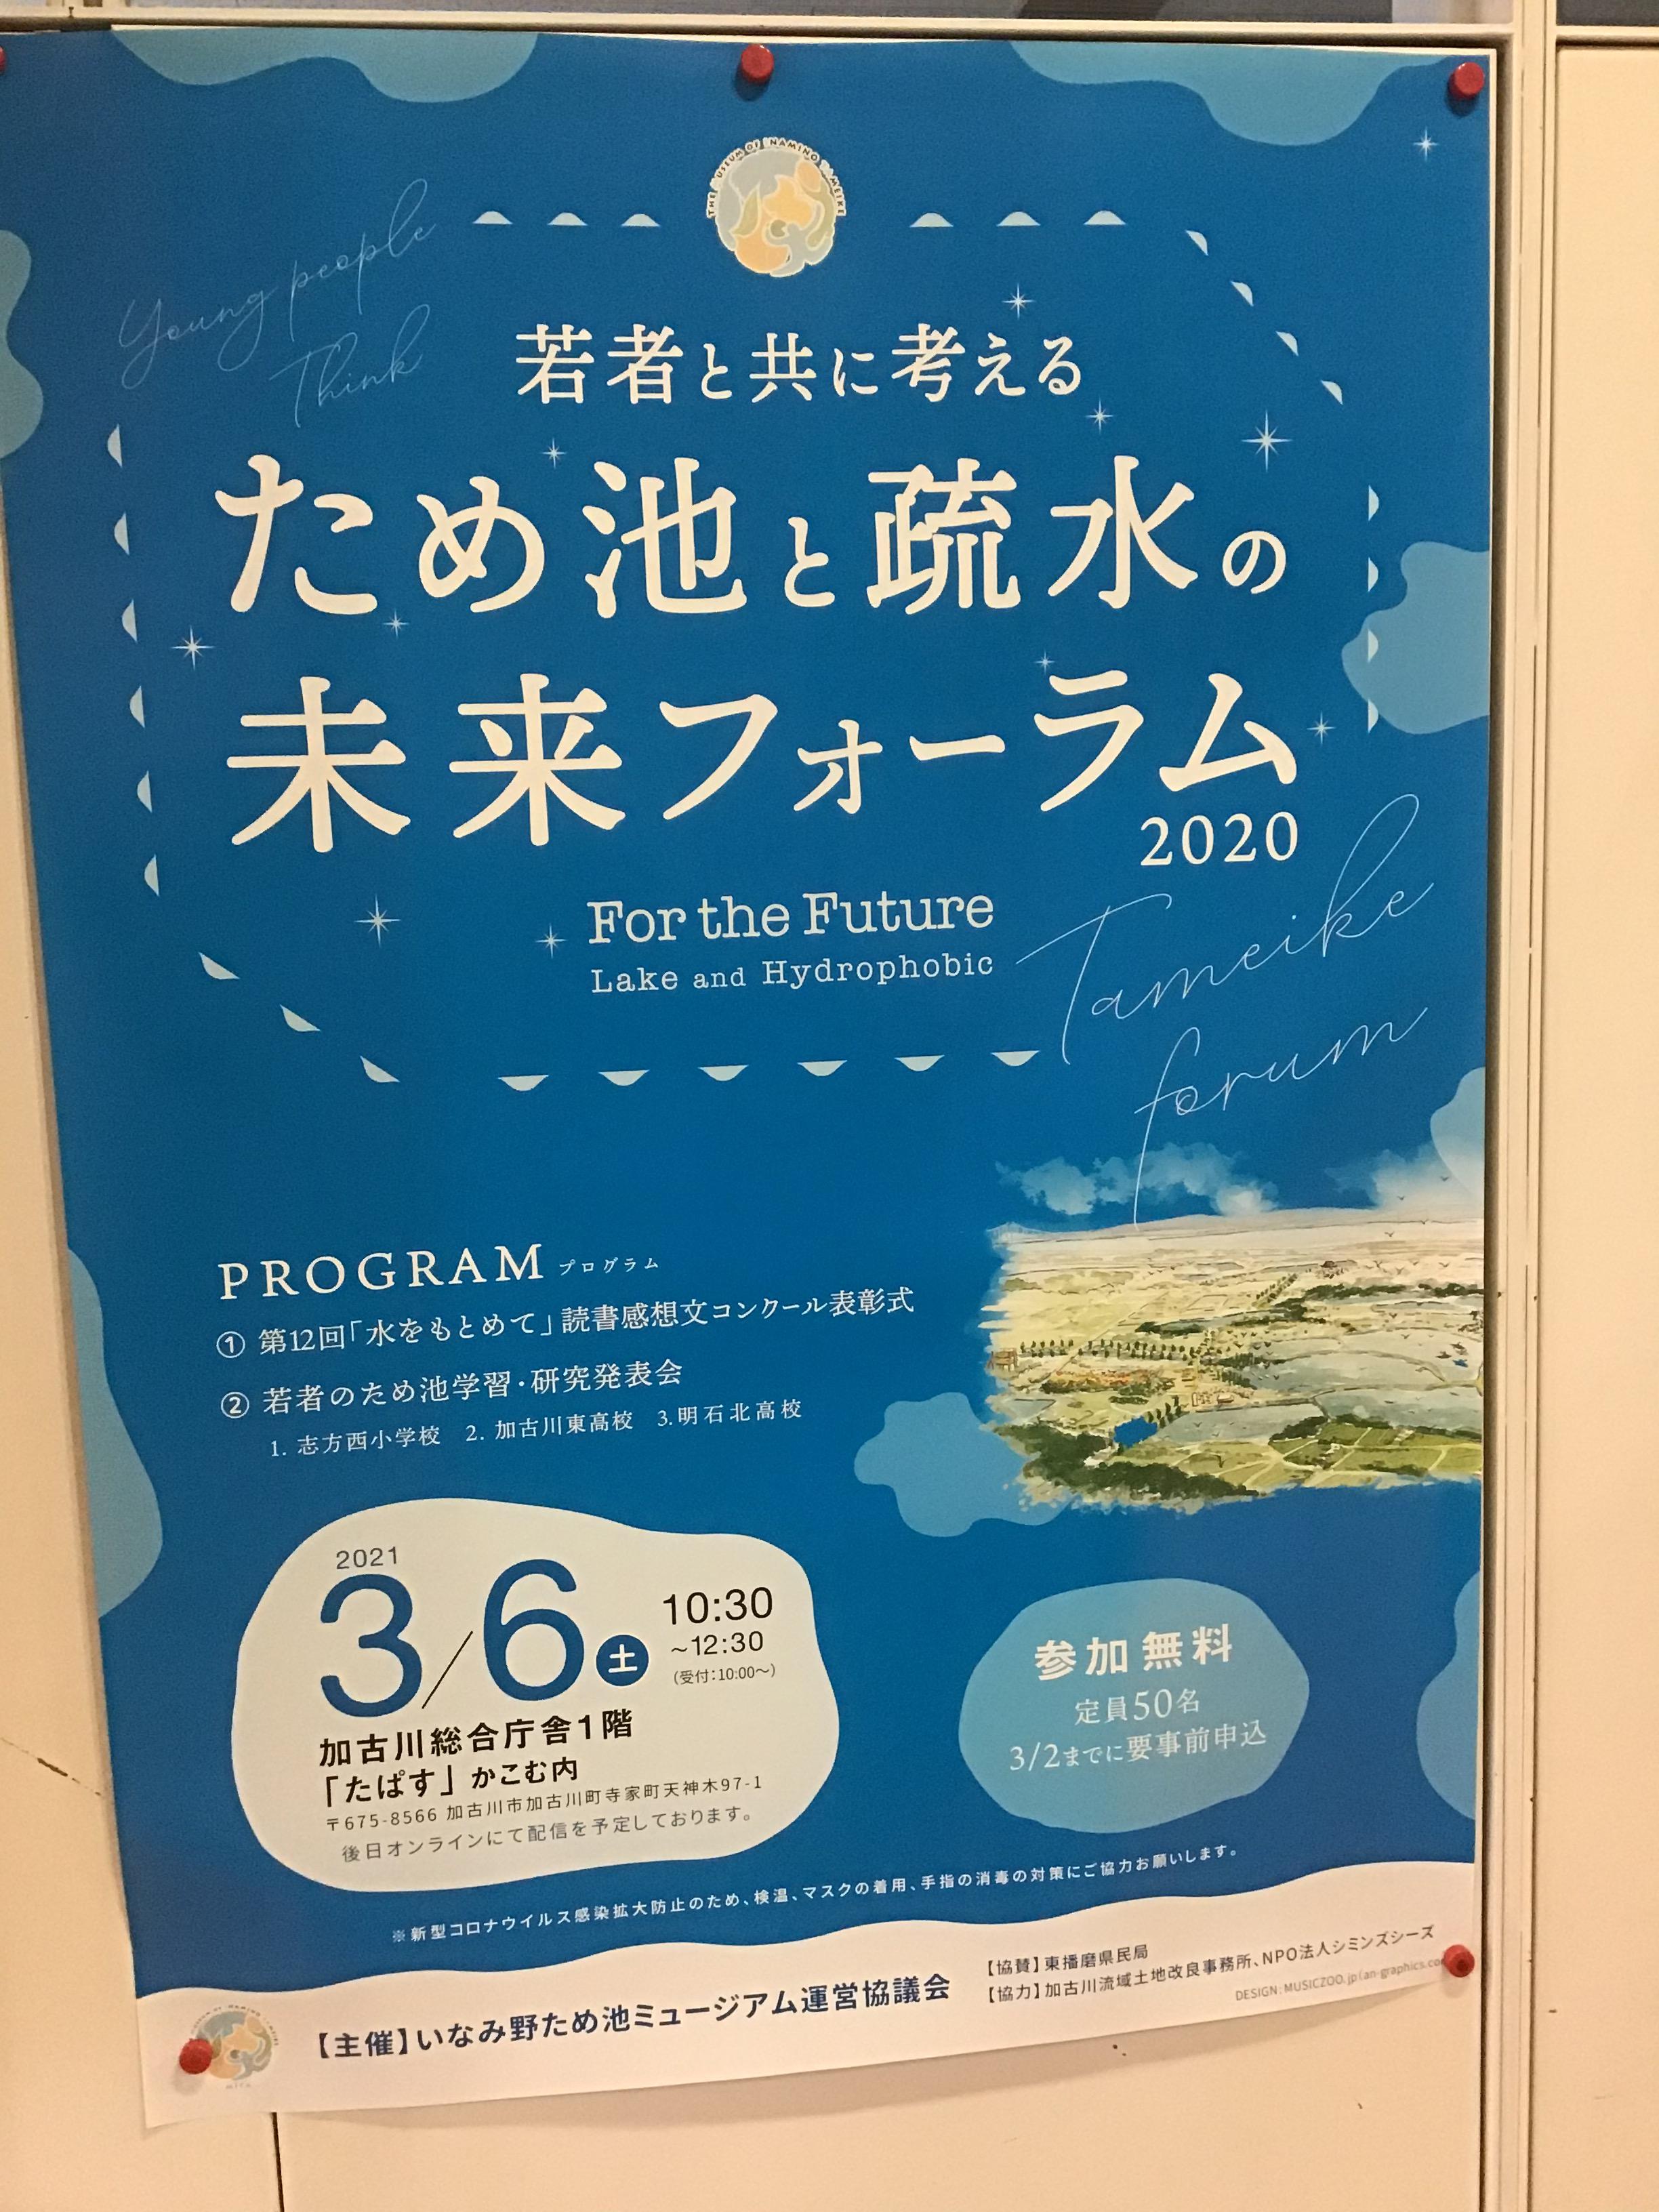 いなみ野ため池ミュージアム推進フォーラムポスター 117名もの参加がありました。